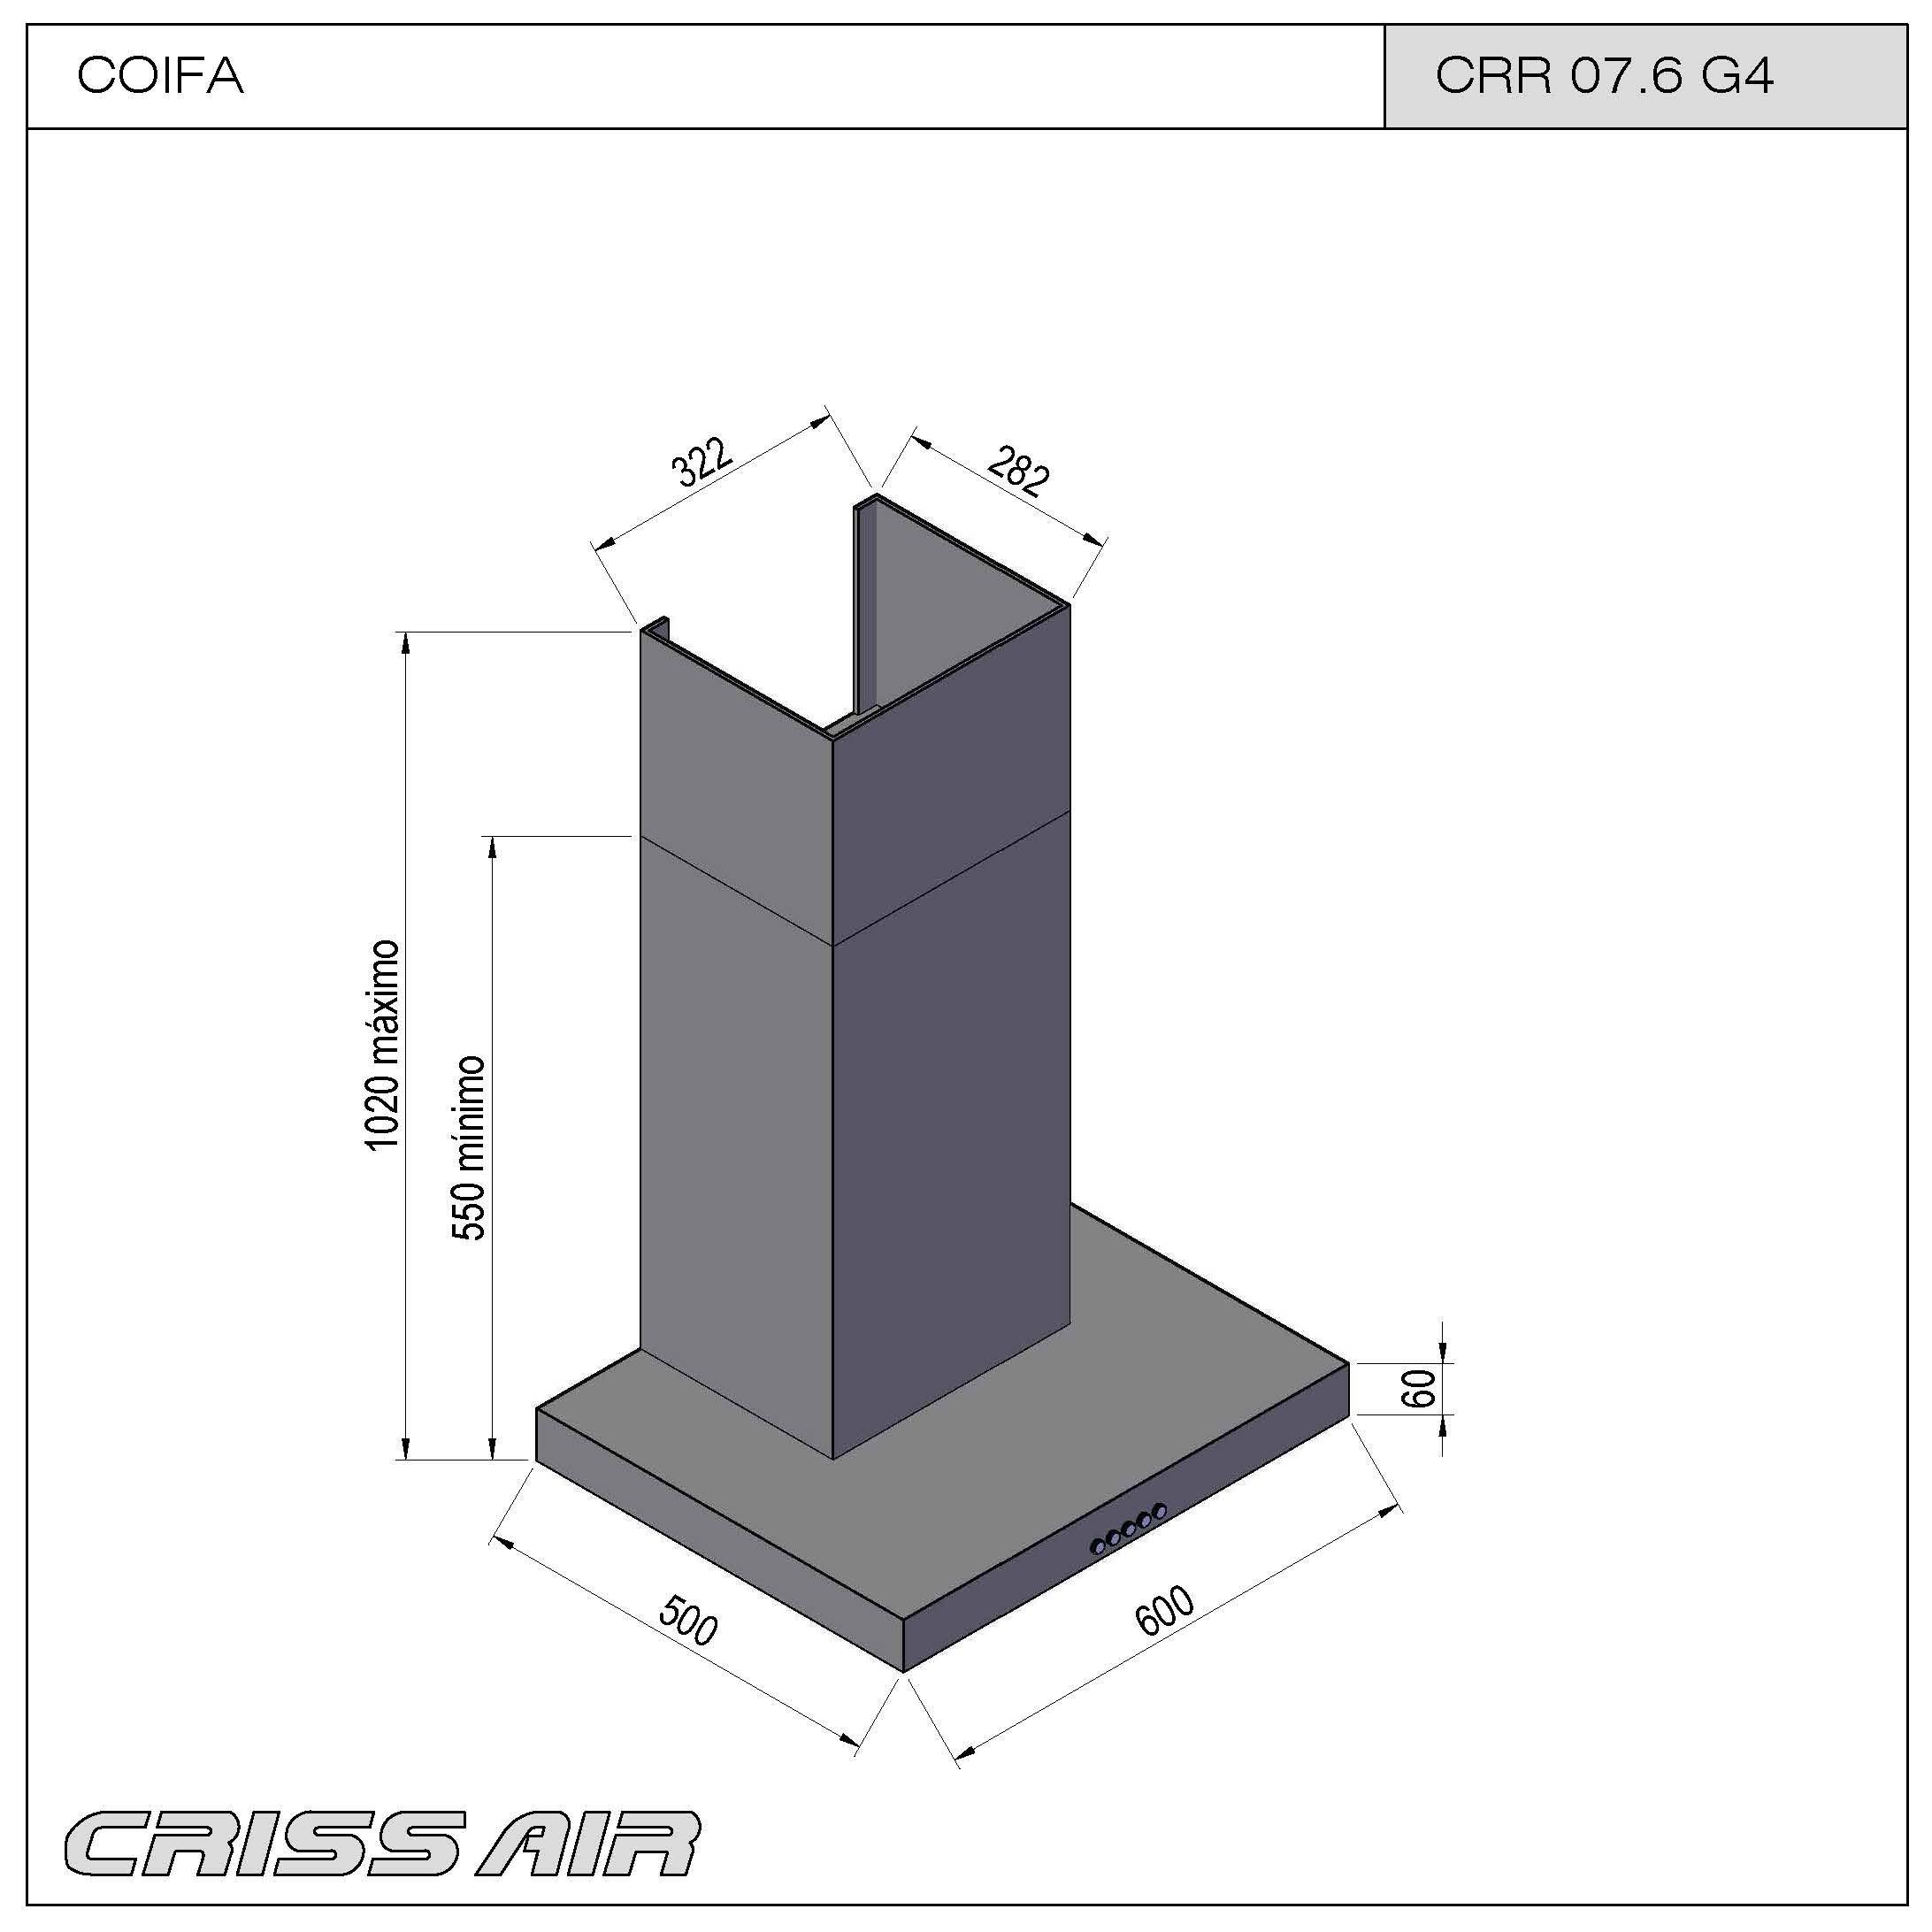 Coifa de Parede CRR 07.6 G4